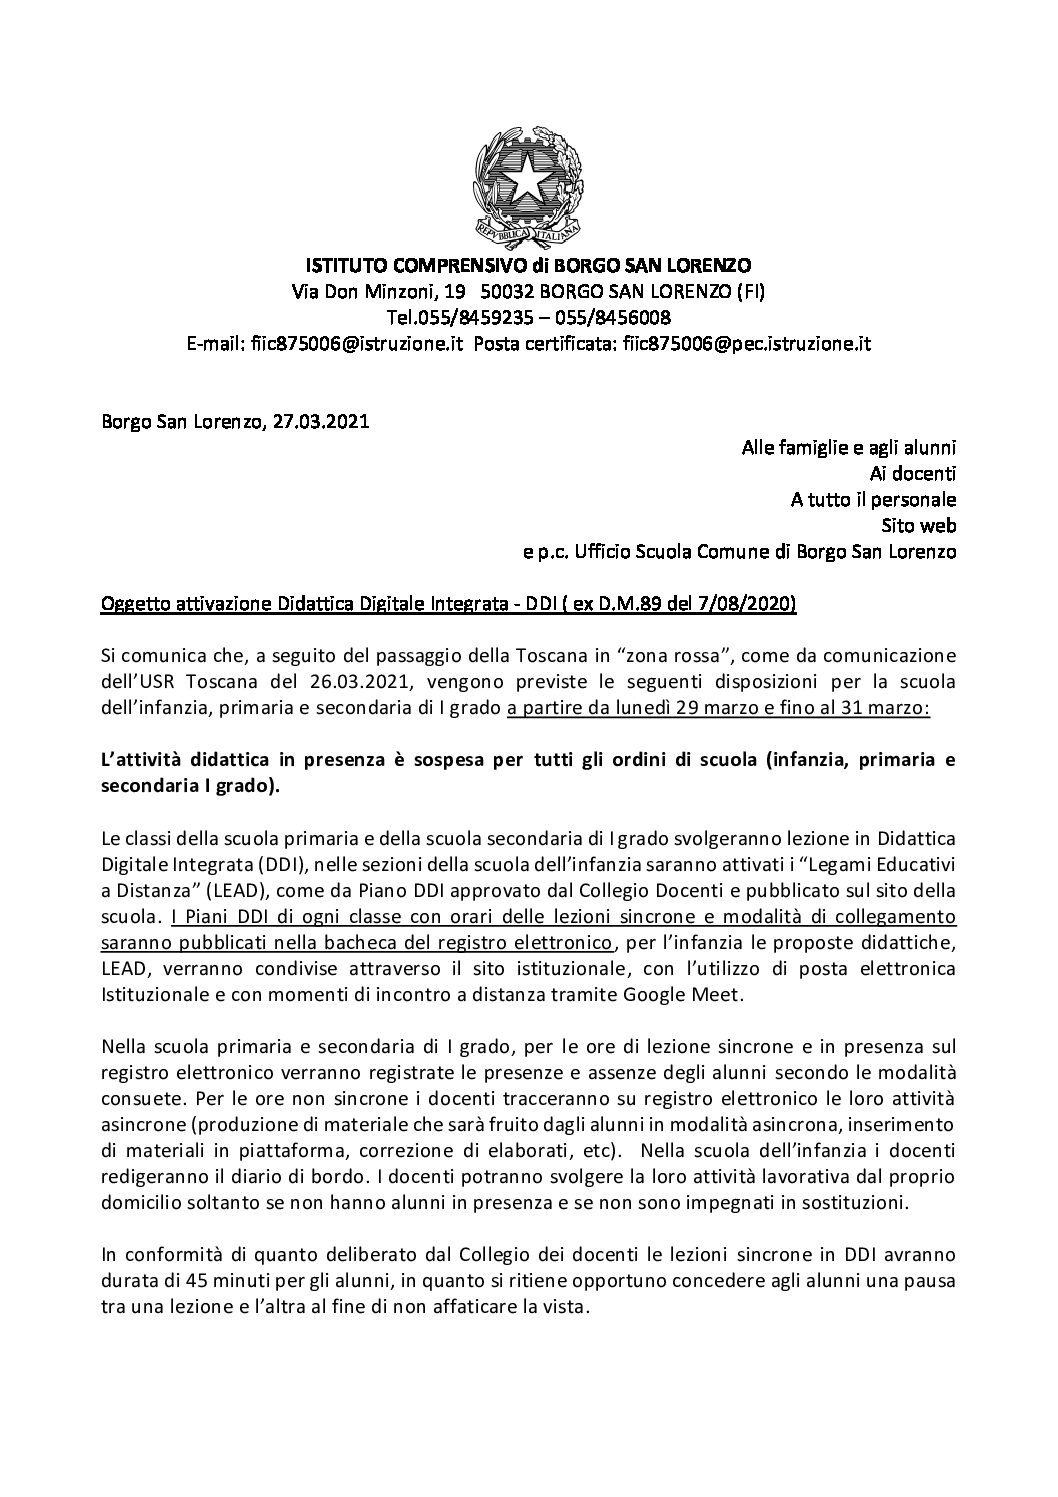 Attivazione Didattica Digitale Integrata – DDI ( ex D.M.89 del 7/08/2020)